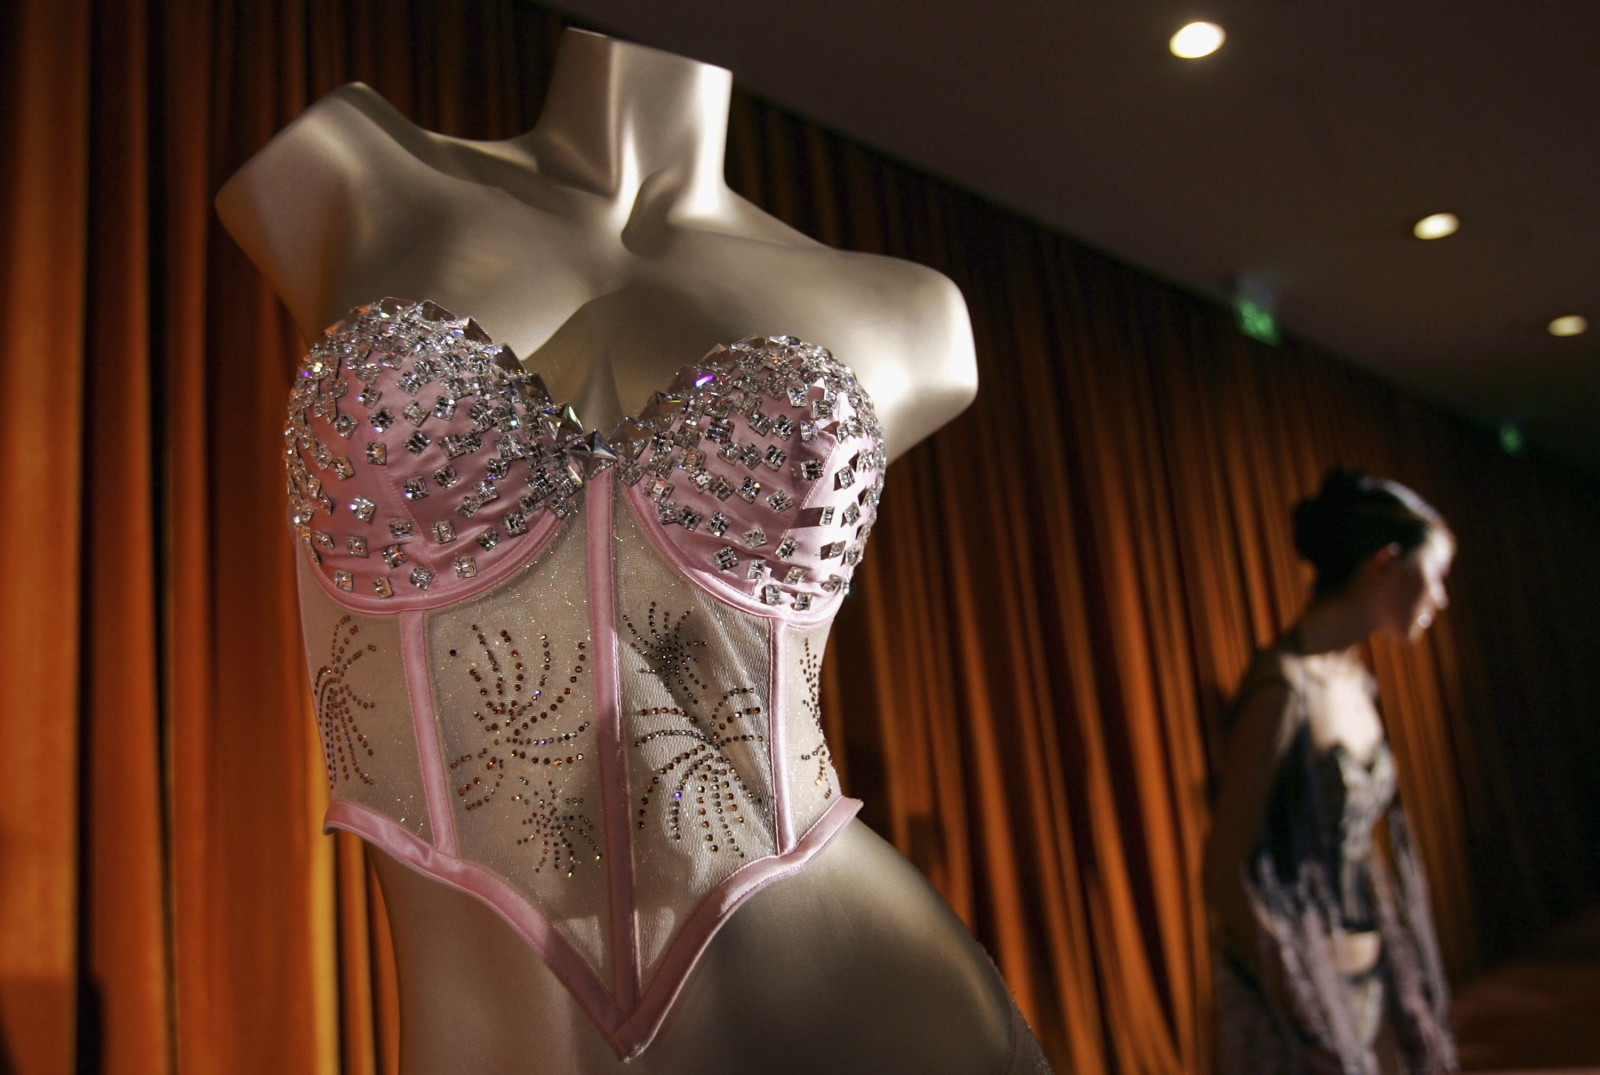 stolen lingerie mannequin